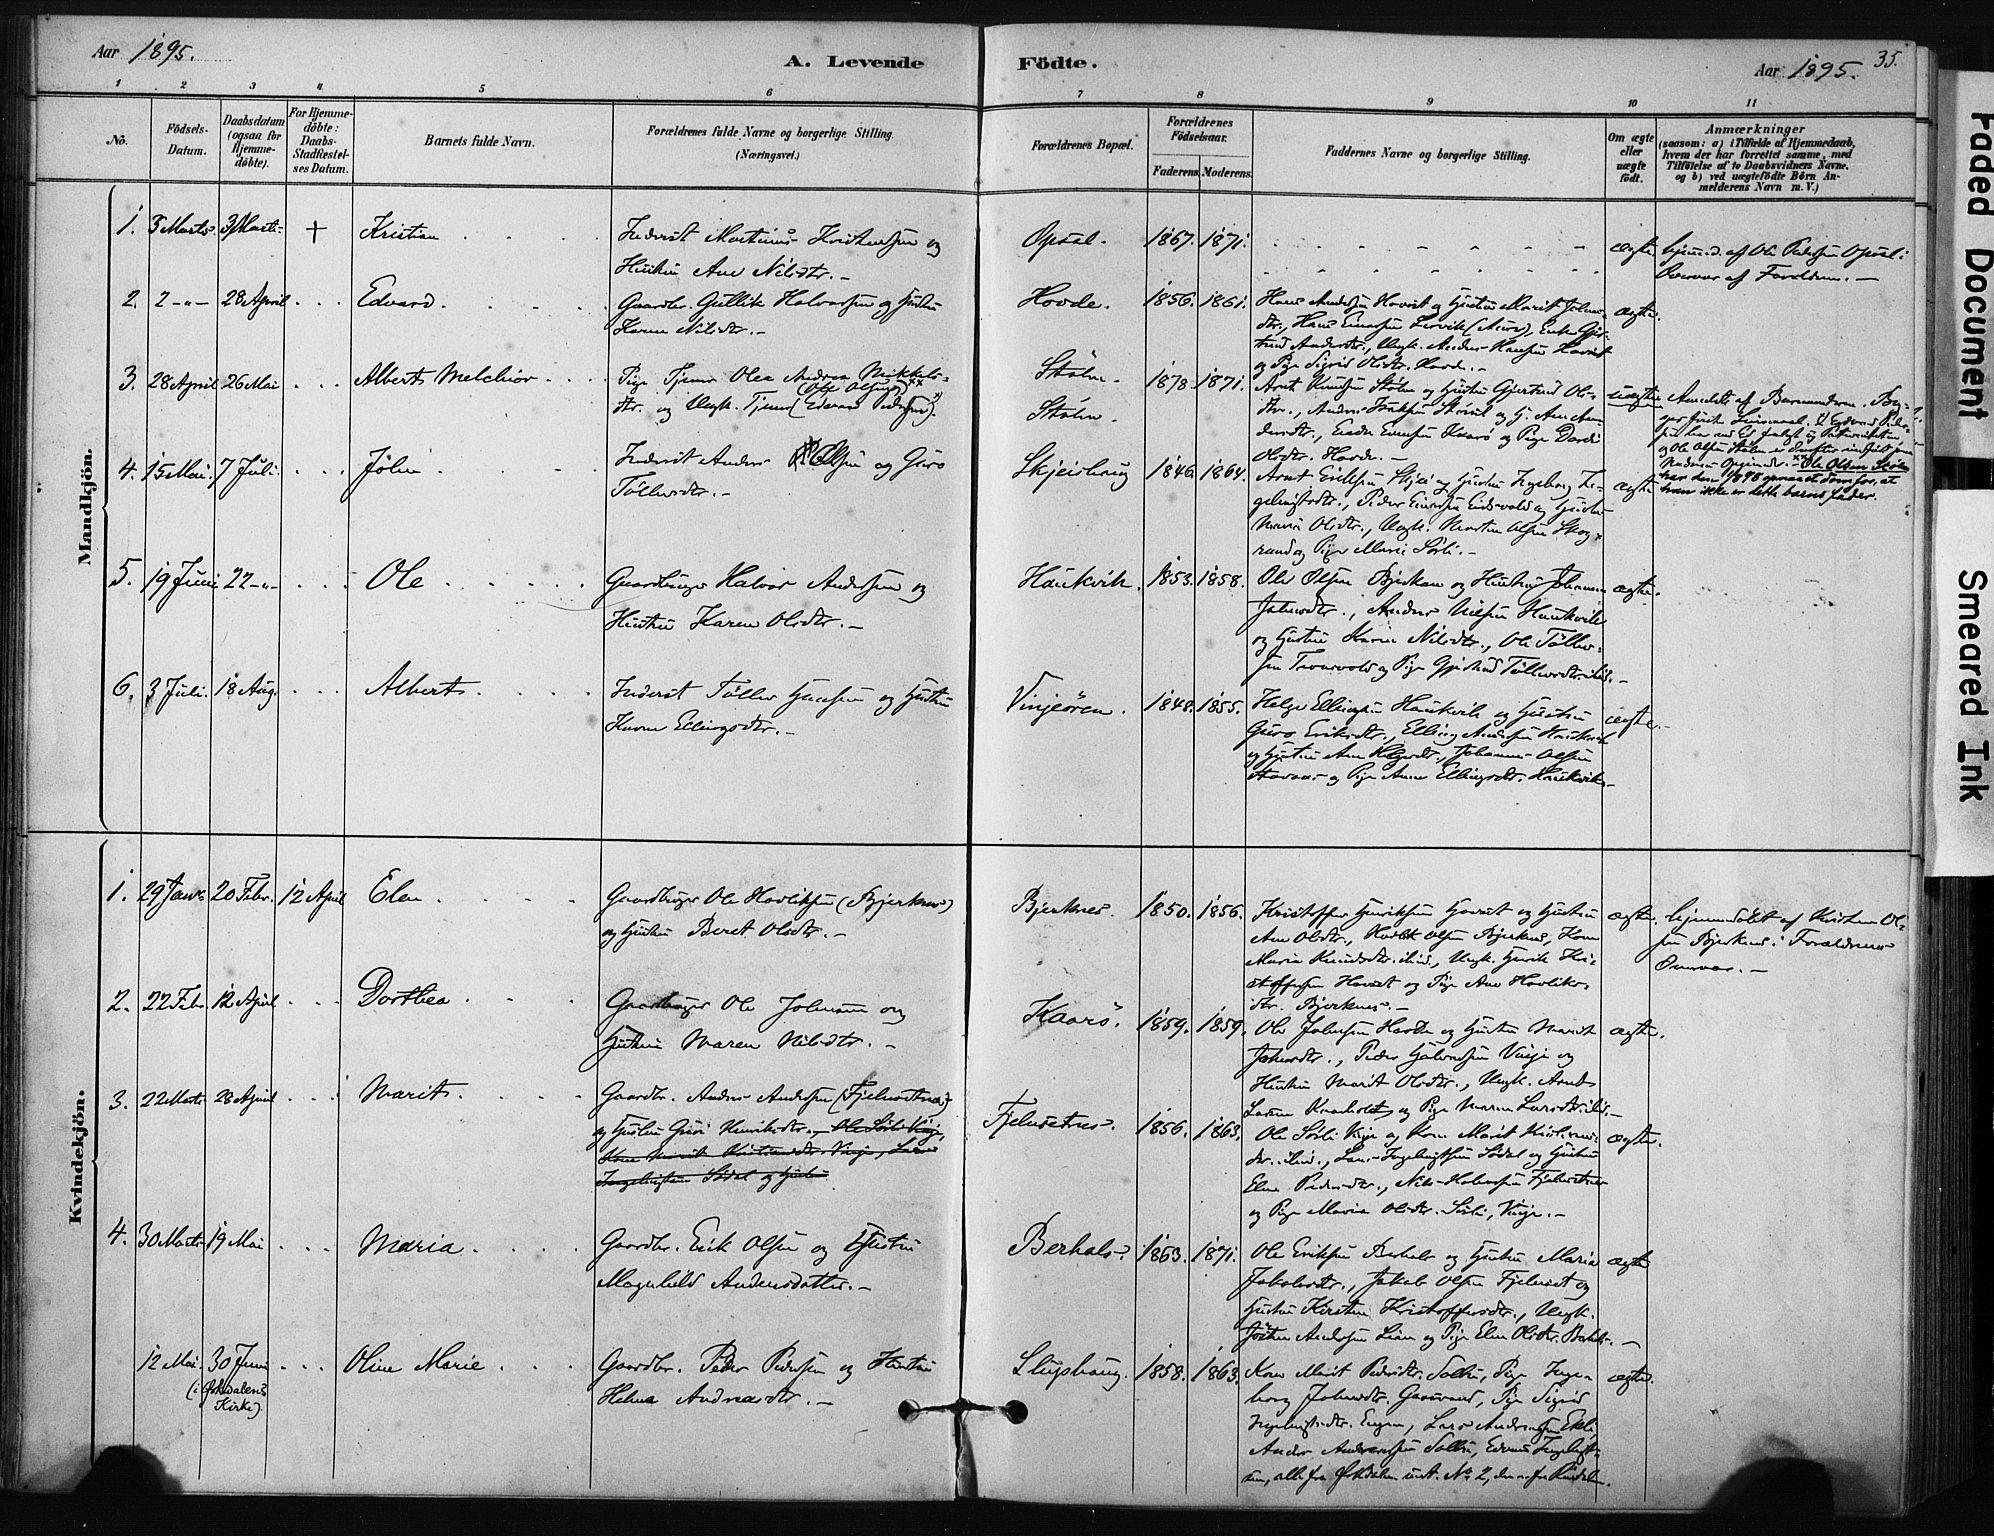 SAT, Ministerialprotokoller, klokkerbøker og fødselsregistre - Sør-Trøndelag, 631/L0512: Ministerialbok nr. 631A01, 1879-1912, s. 35